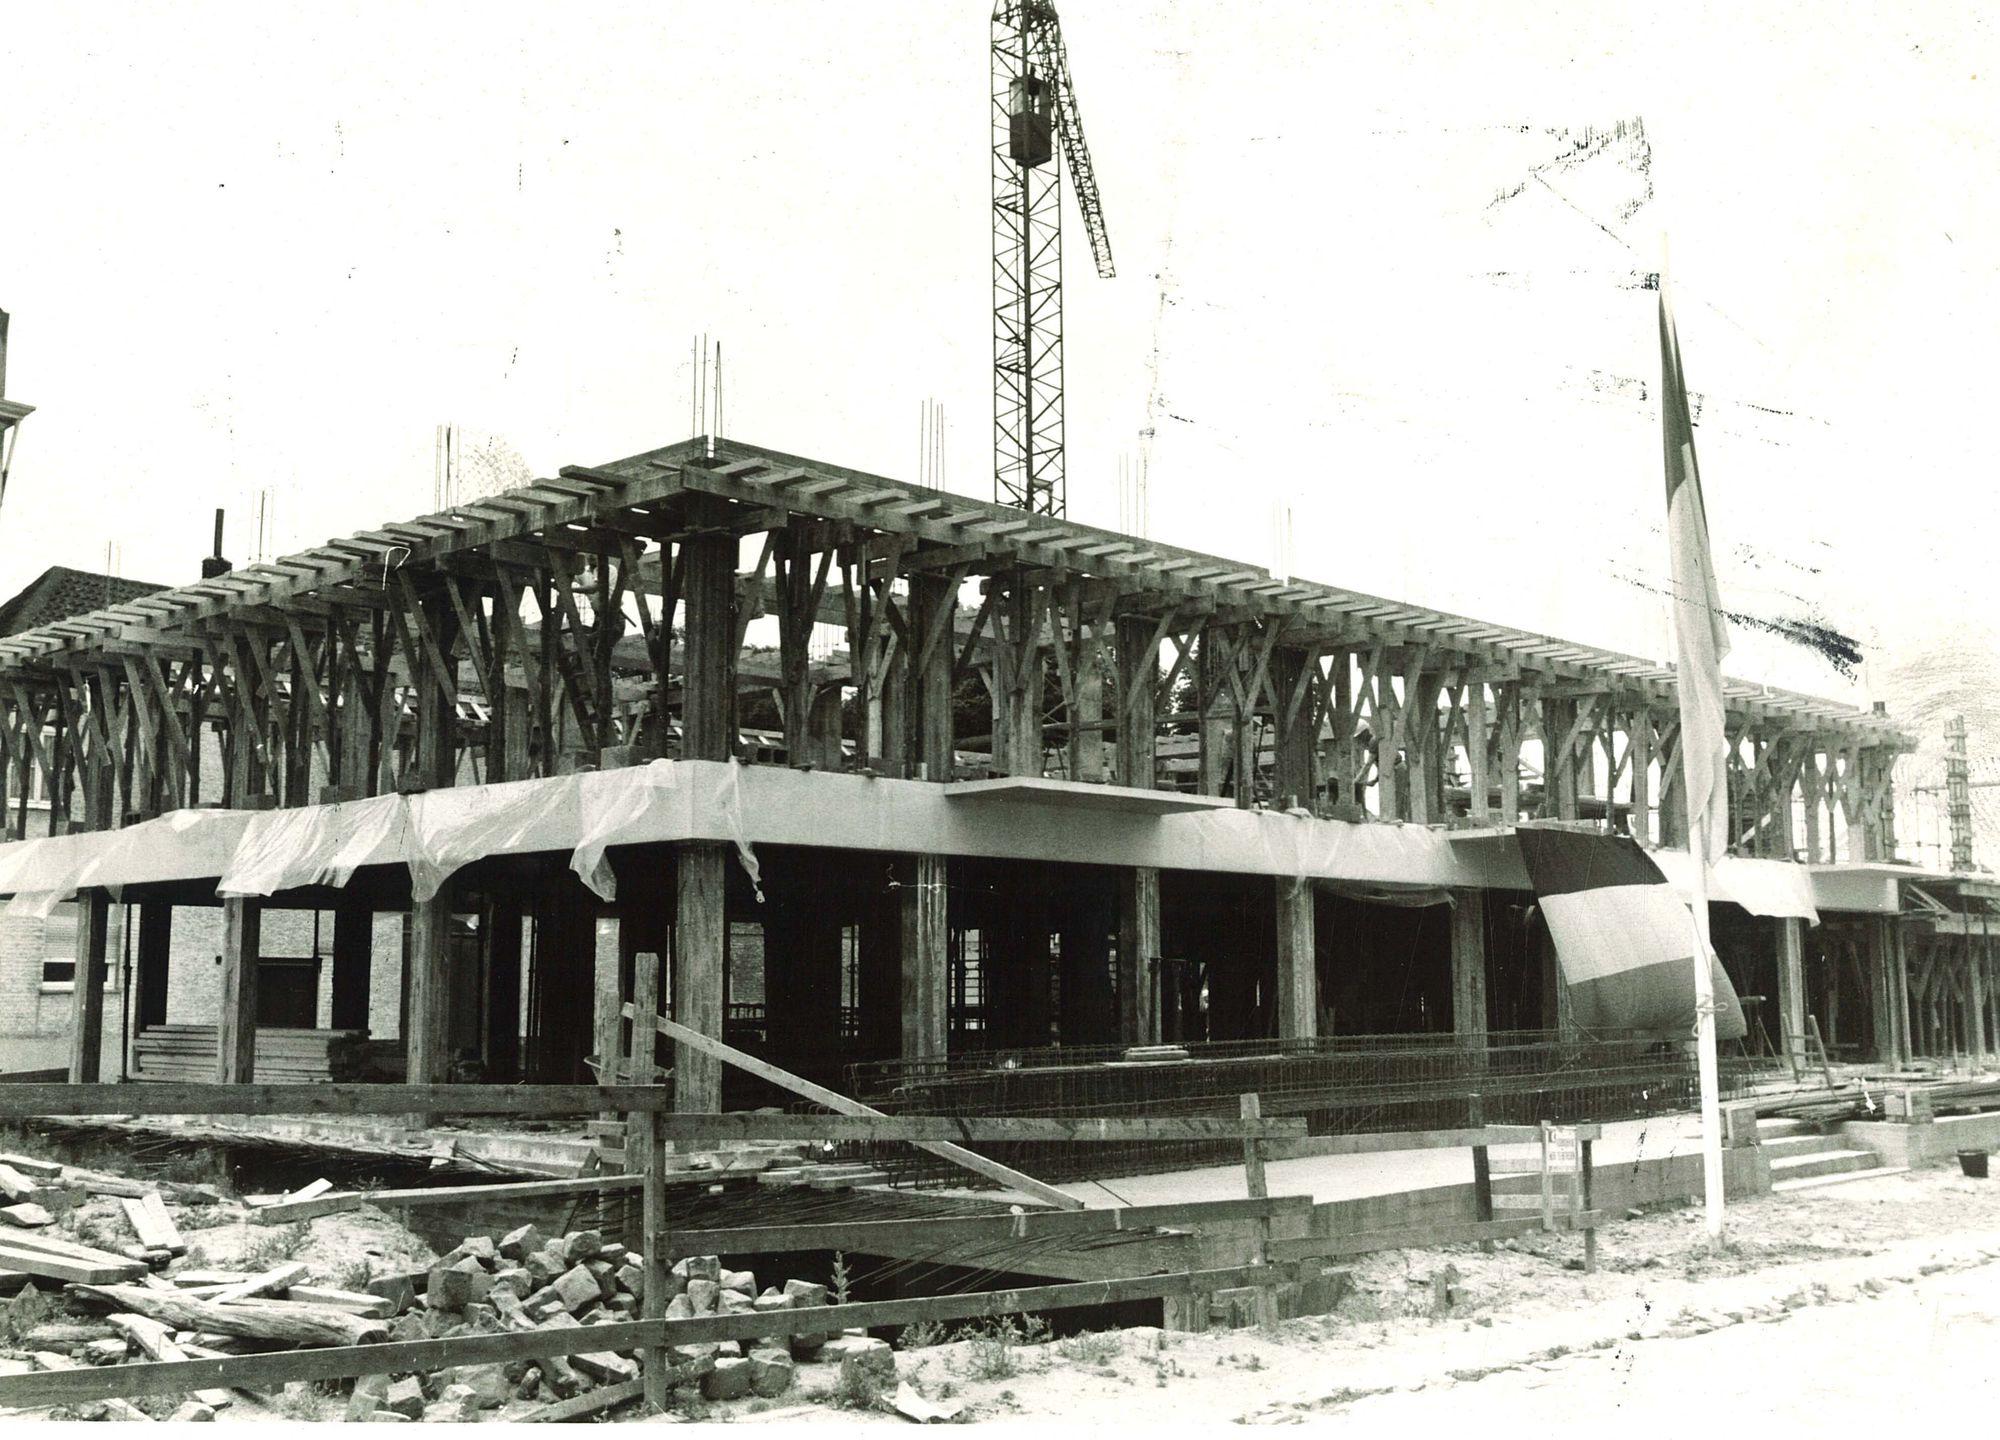 Onze-Lieve-Vrouwhospitaal in opbouw